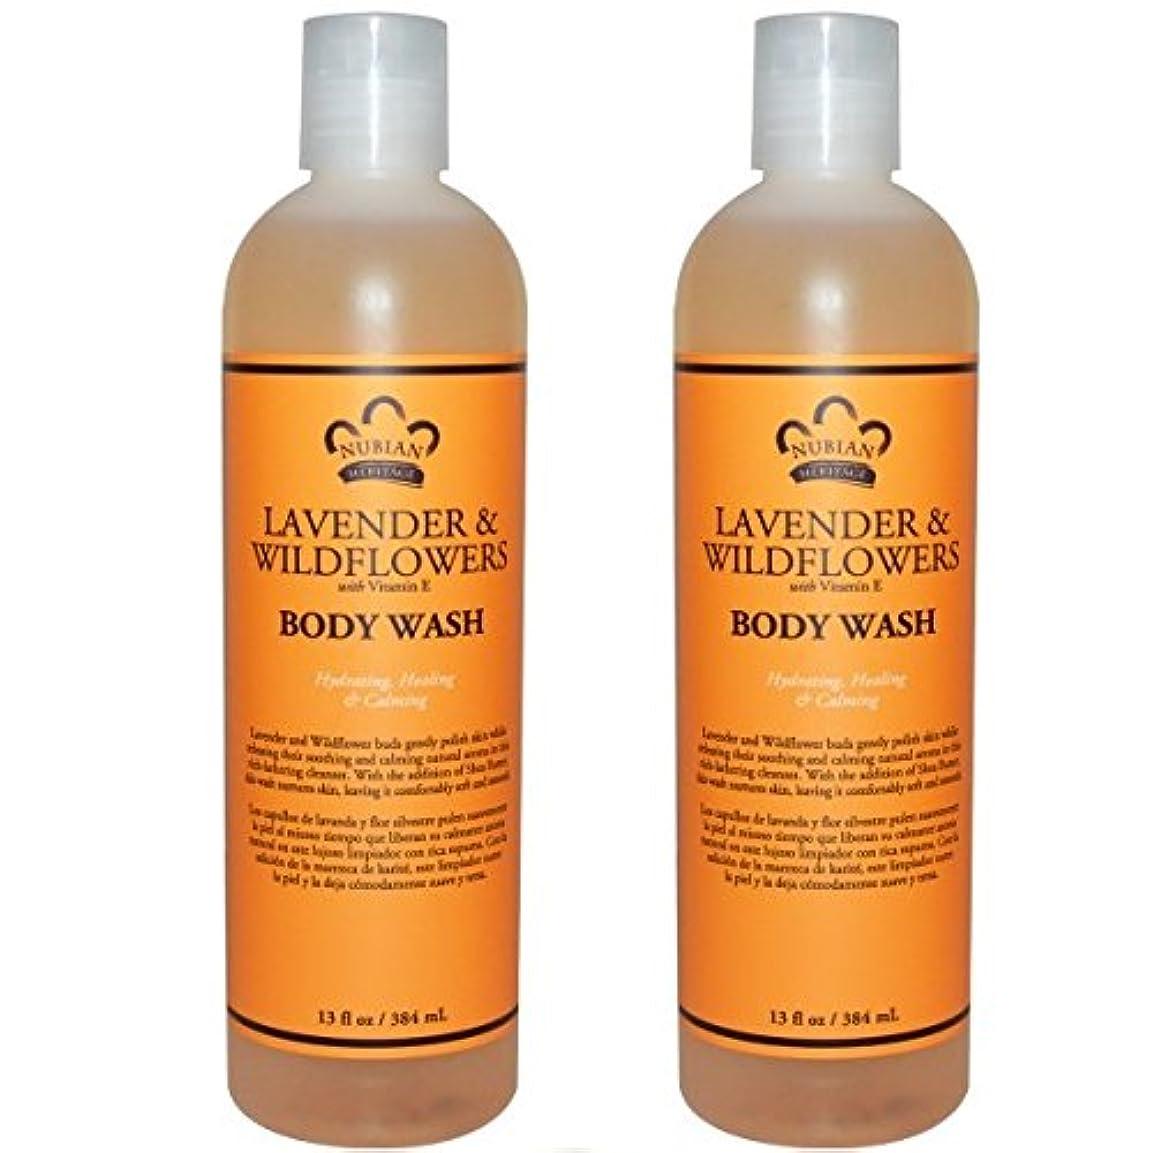 頭痛オリエンタル改修する【海外直送品】【2本】Nubian Heritage Body Wash Relaxing & Nourishing, Lavender & Wildflowers - 13 fl oz (384 ml)